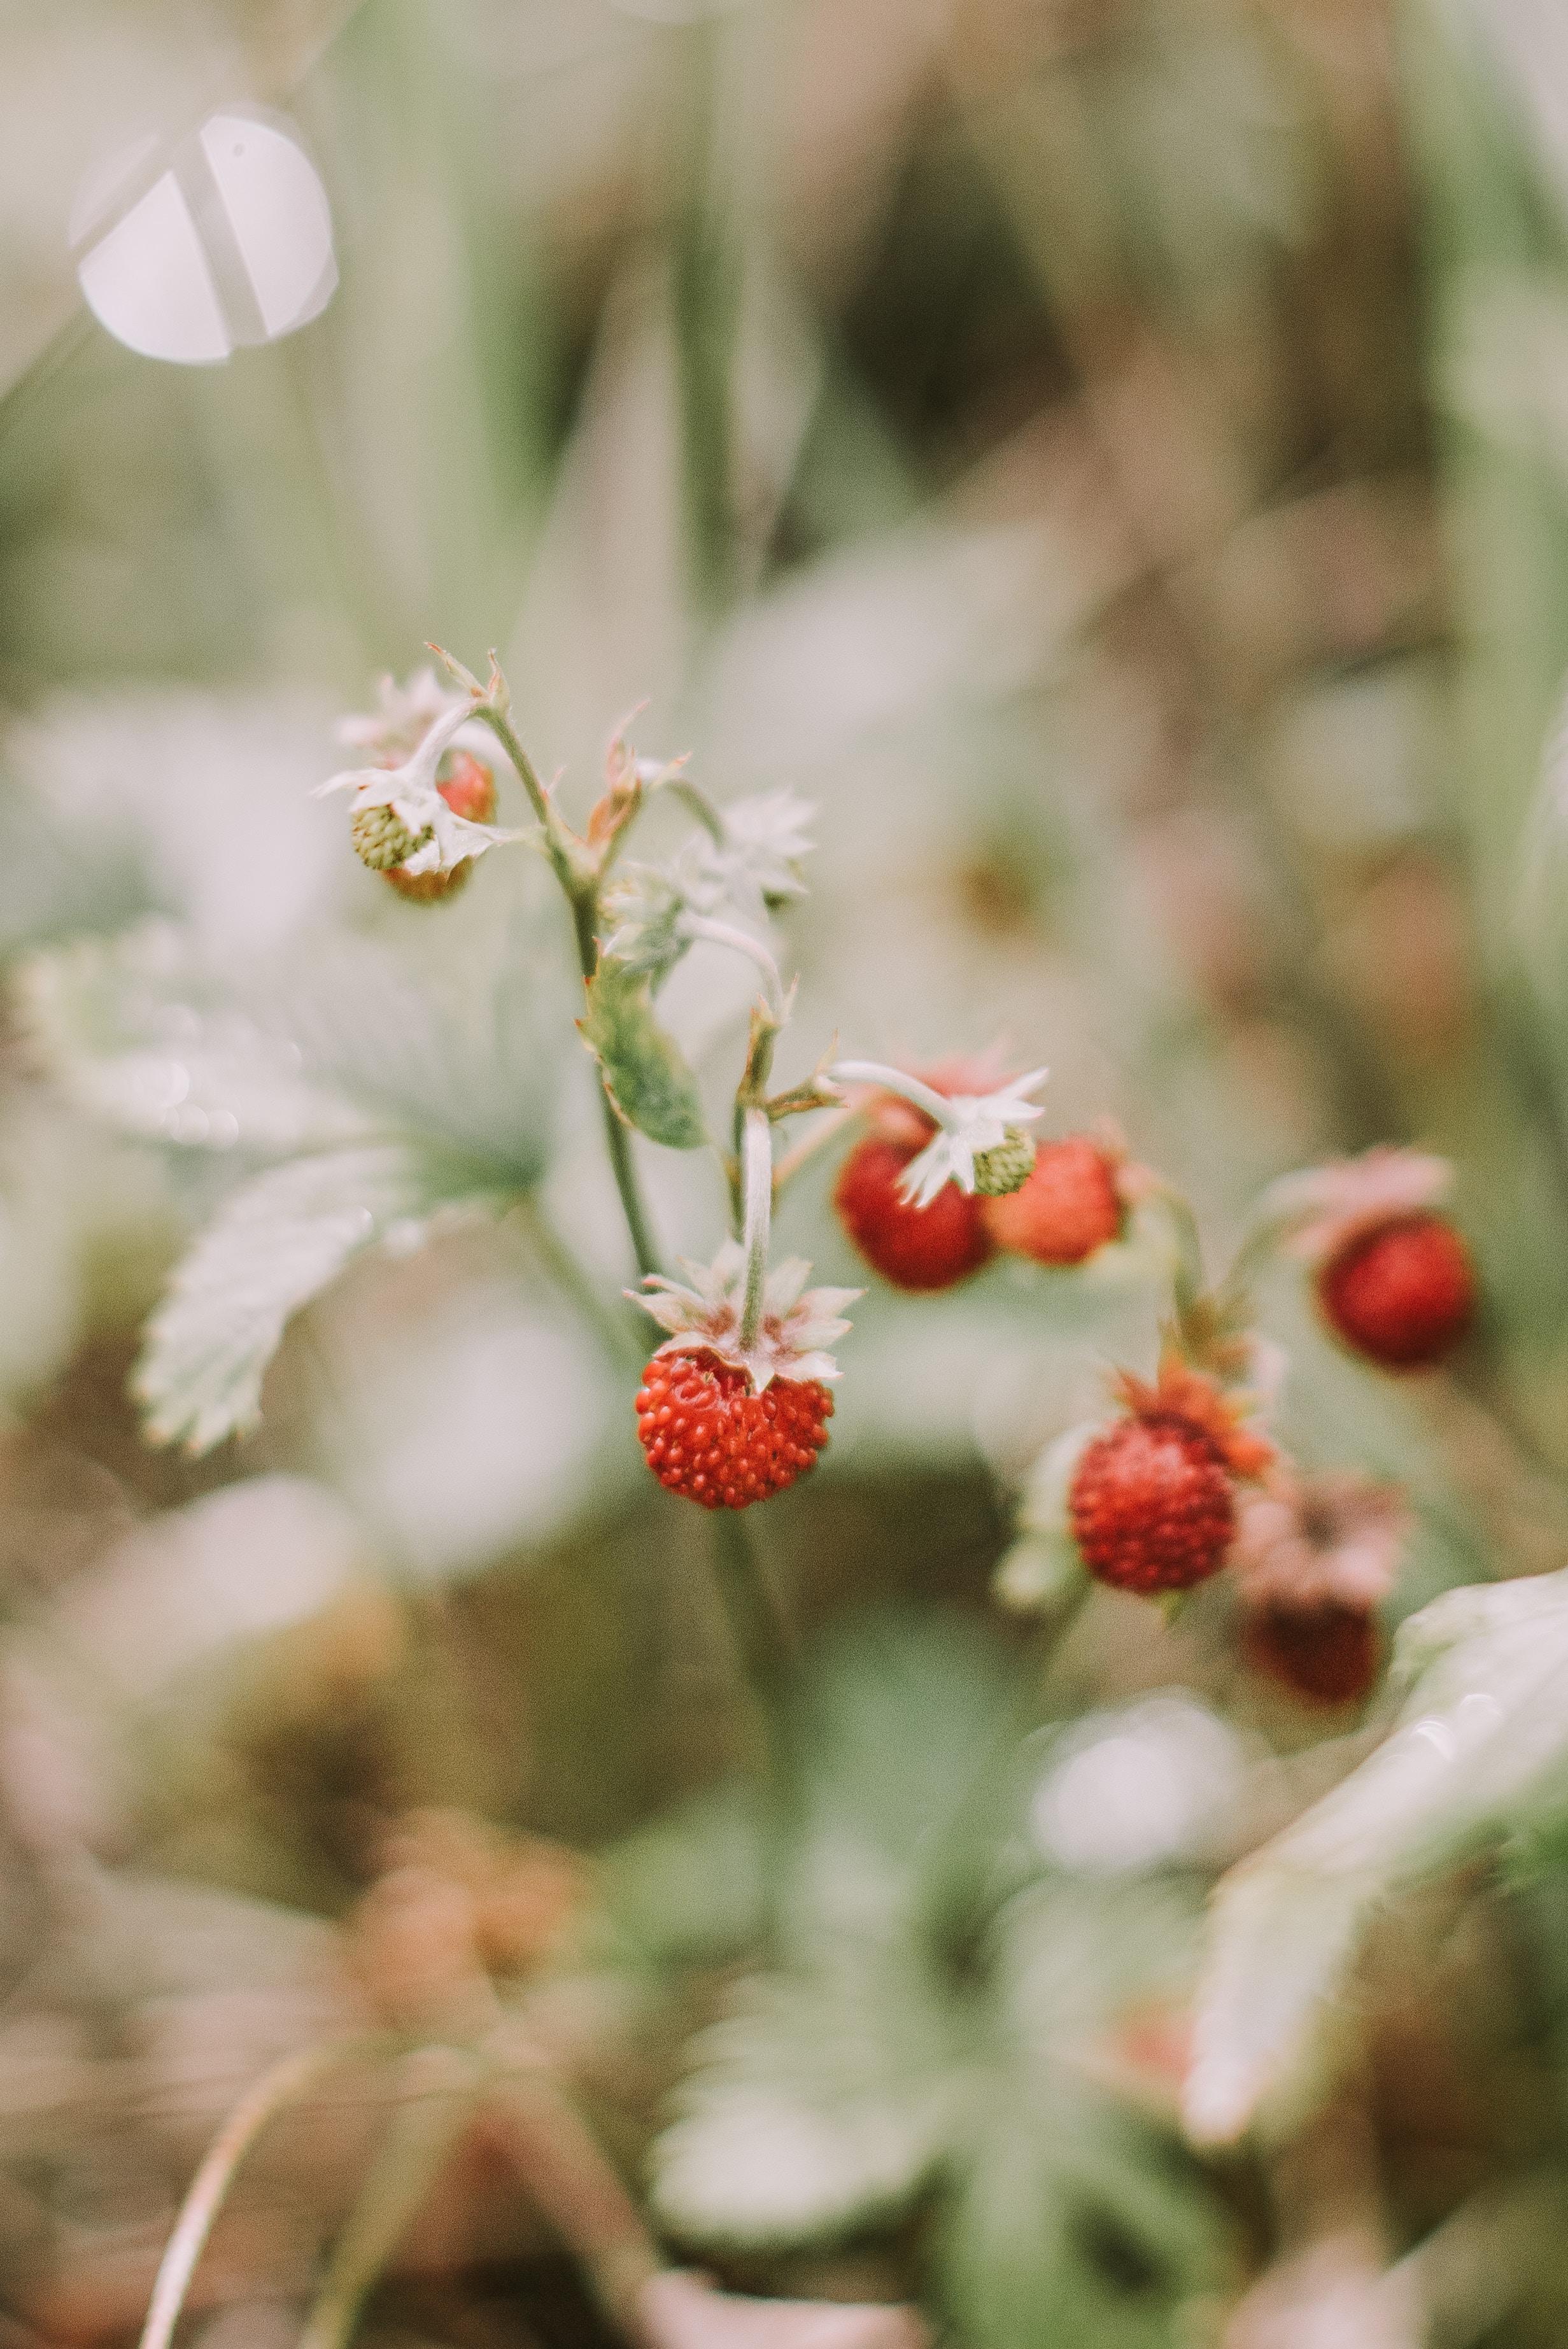 140233 Hintergrundbild 1024x600 kostenlos auf deinem Handy, lade Bilder Erdbeere, Berries, Makro, Reif, Wilde Erdbeeren 1024x600 auf dein Handy herunter